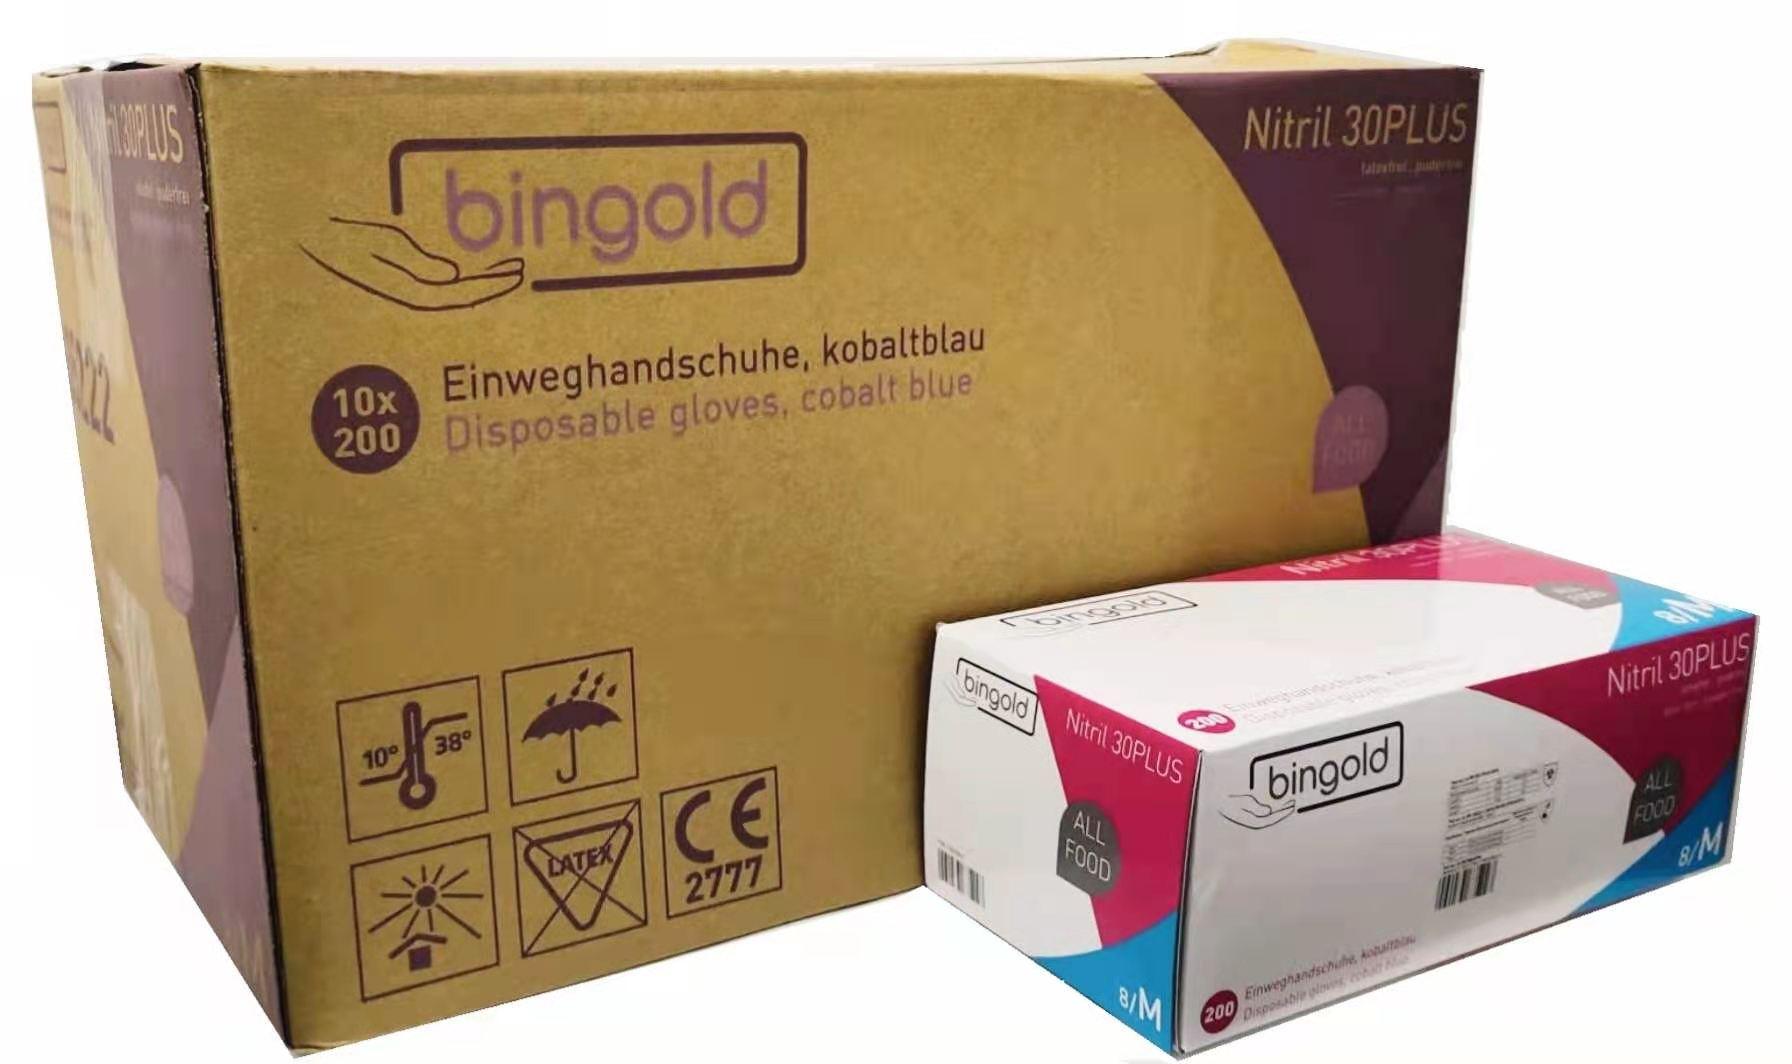 Nitril-Handschuhe Bingold M 2000St.( 1 Karton, 10x200er)